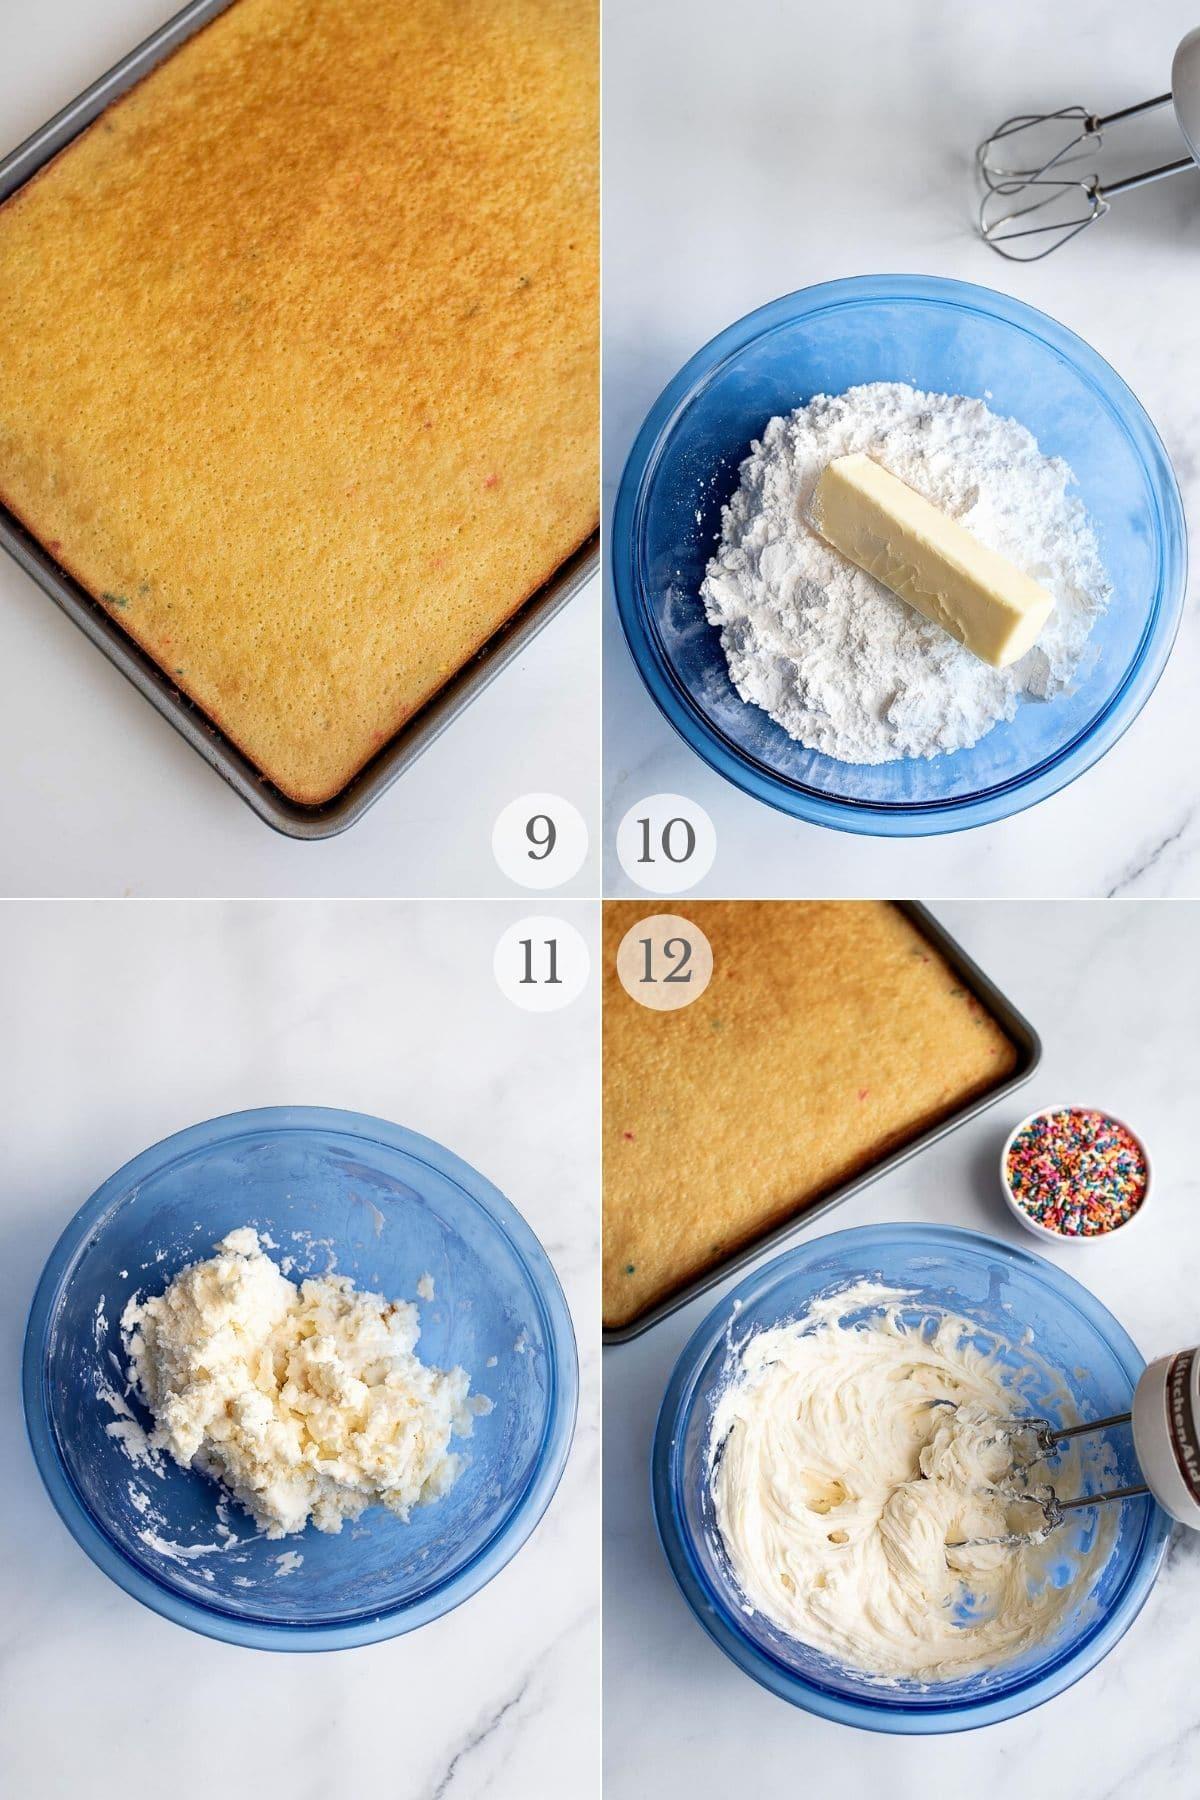 funfetti cake recipe steps 9-12